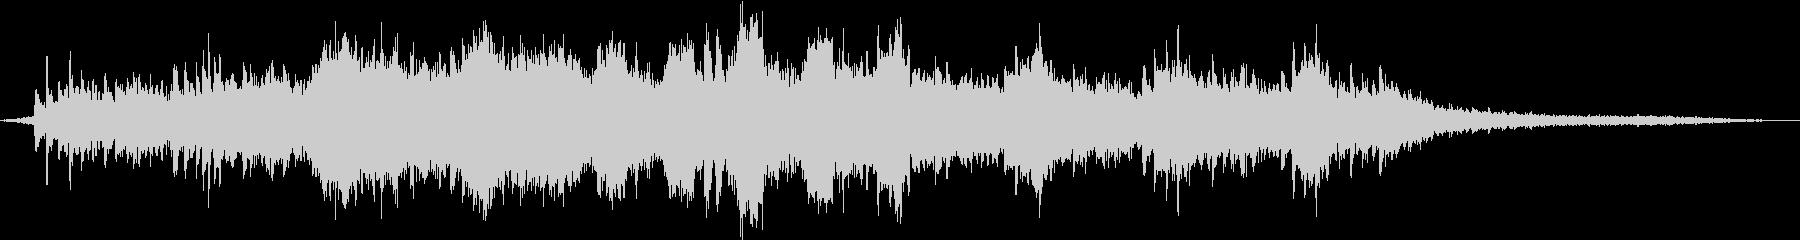 ピアノが印象的な空間系BGMの未再生の波形